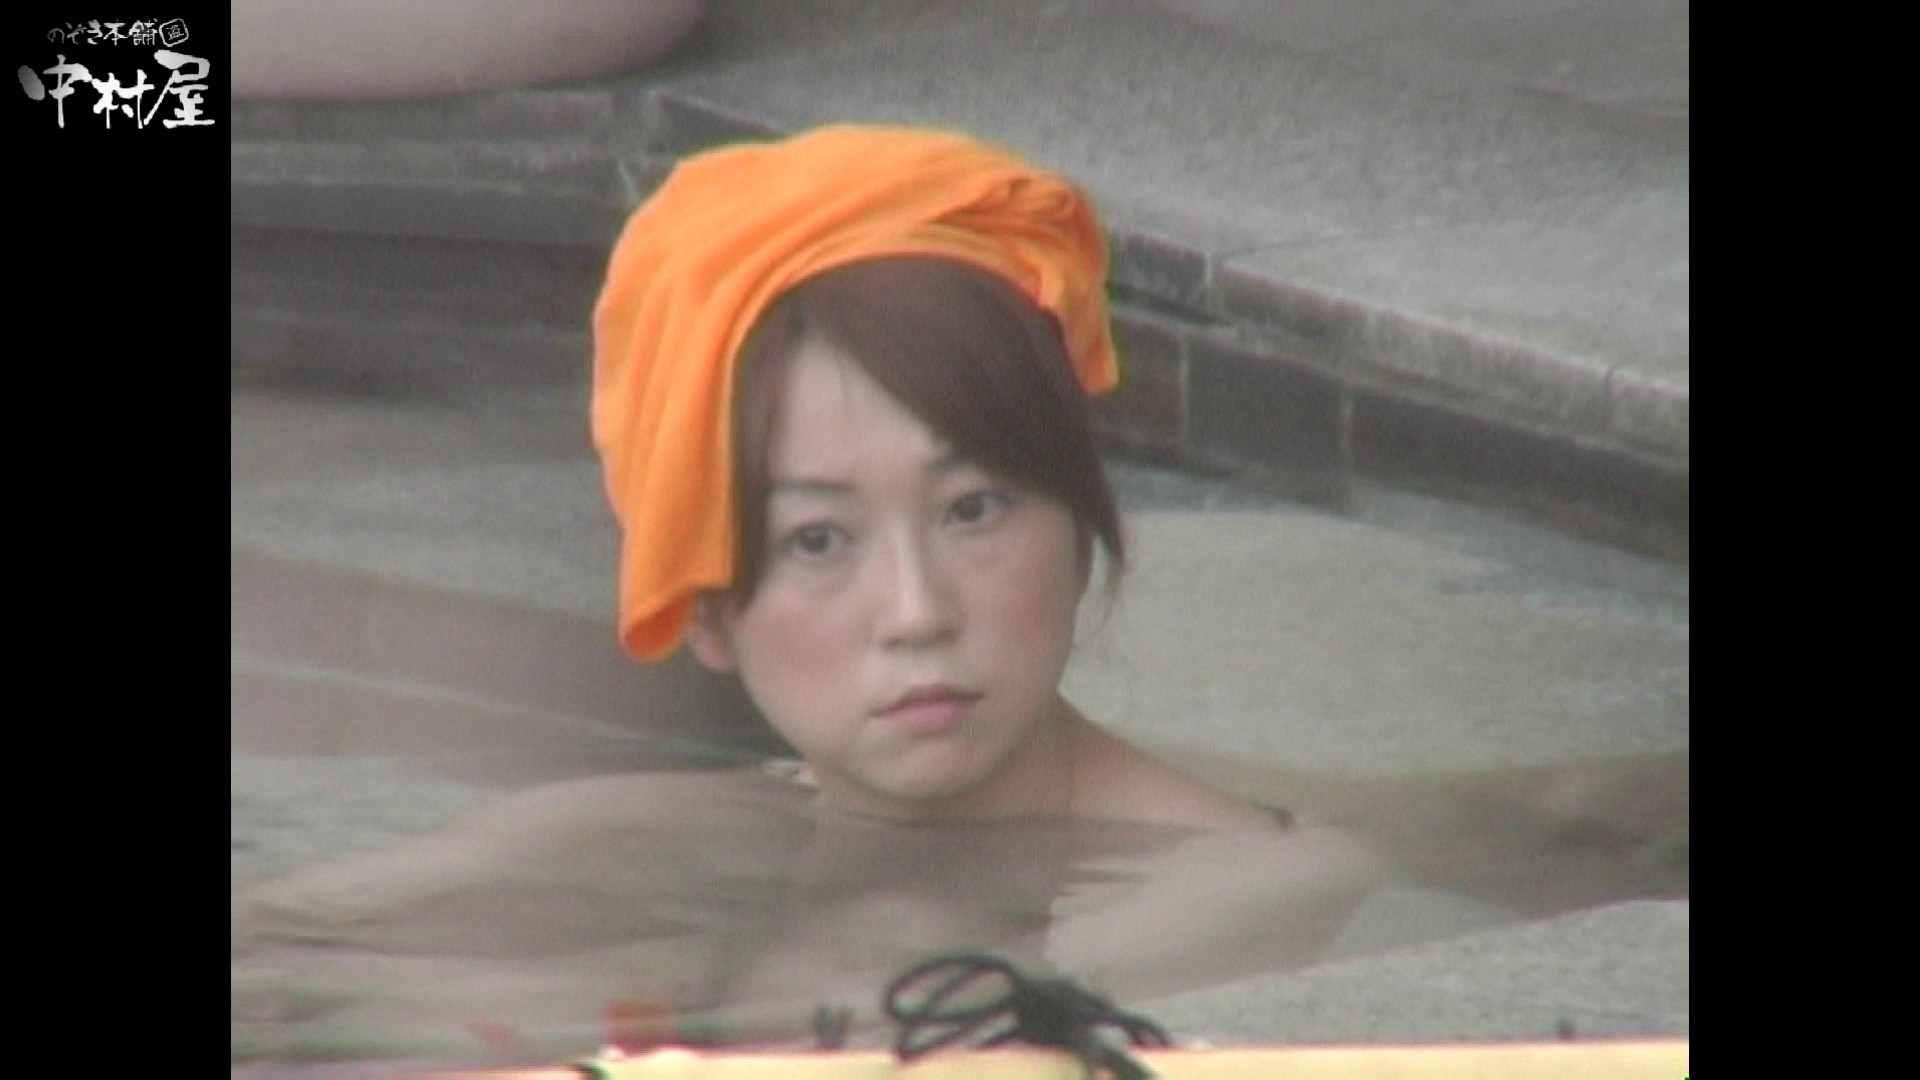 Aquaな露天風呂Vol.941 美しいOLの裸体 アダルト動画キャプチャ 76pic 44